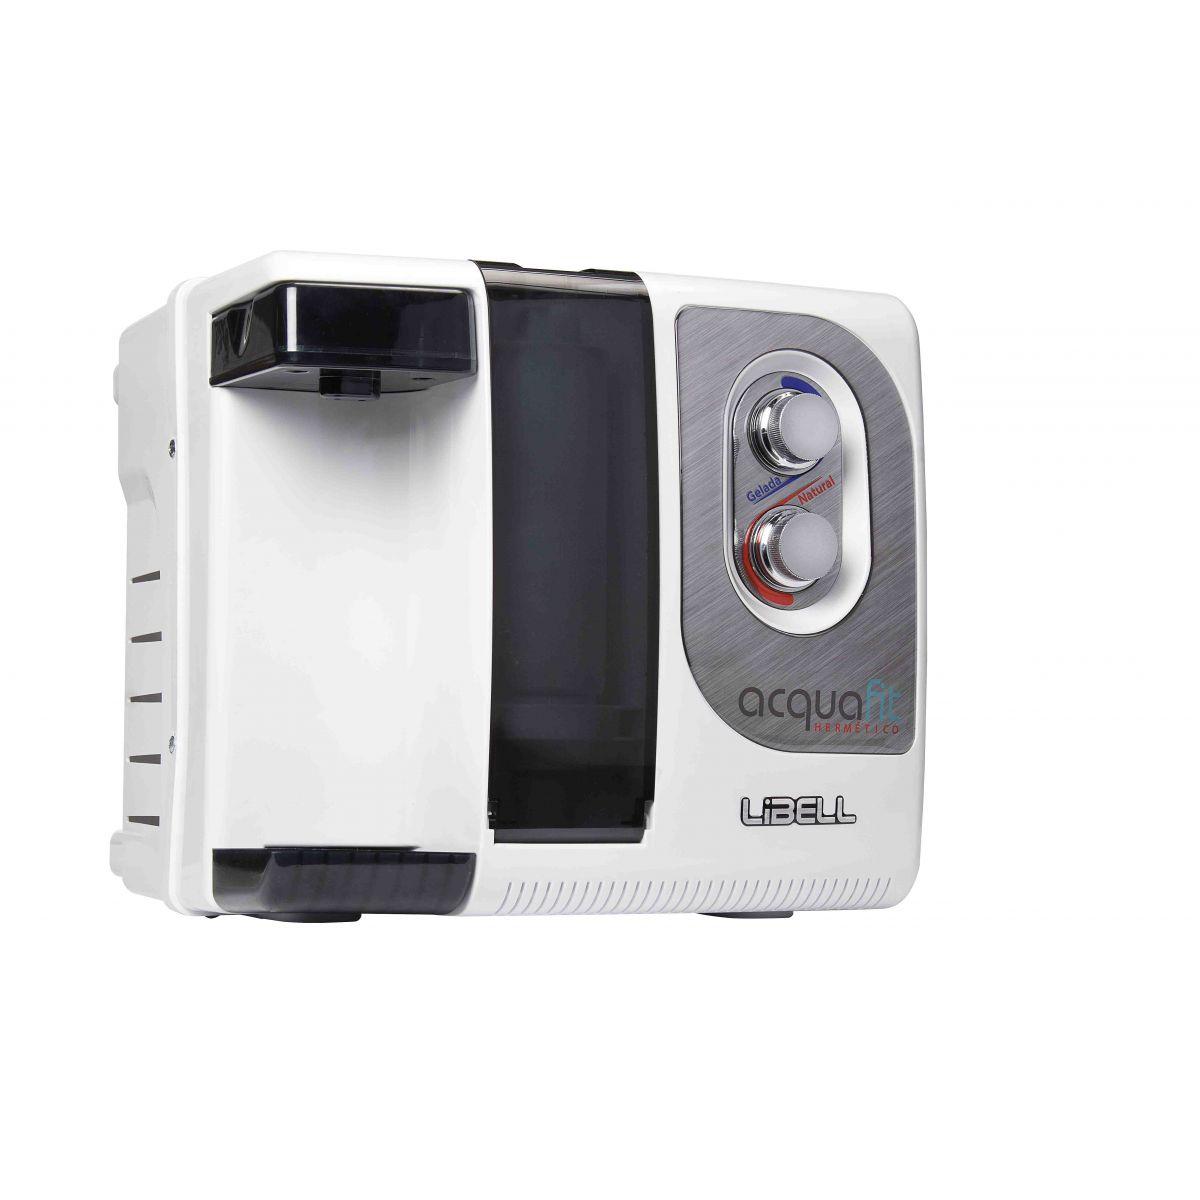 Purificador Herm�tico Branco Libell Acqua-Fit bivolt Compacto, 3 etapas de filtragem